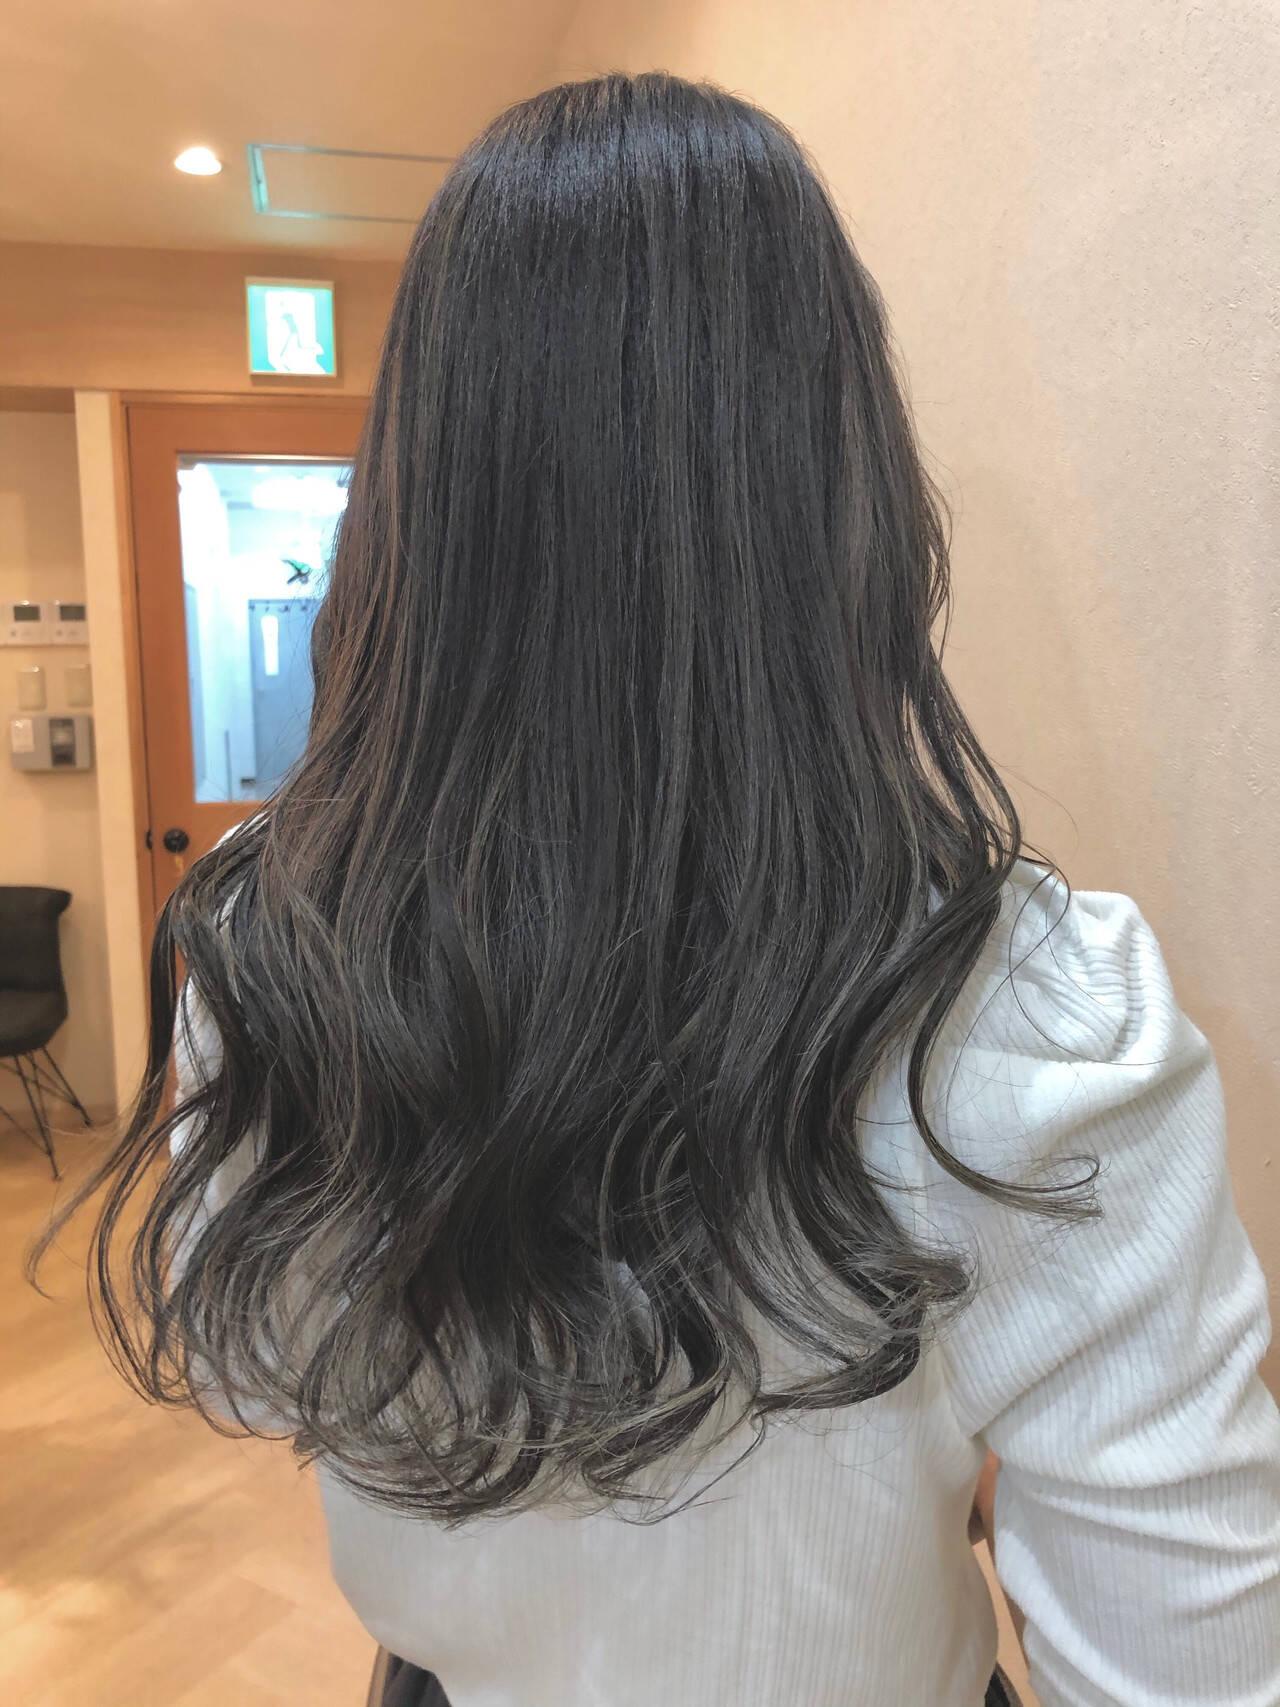 バレイヤージュ コンサバ アッシュグレージュ 外国人風カラーヘアスタイルや髪型の写真・画像